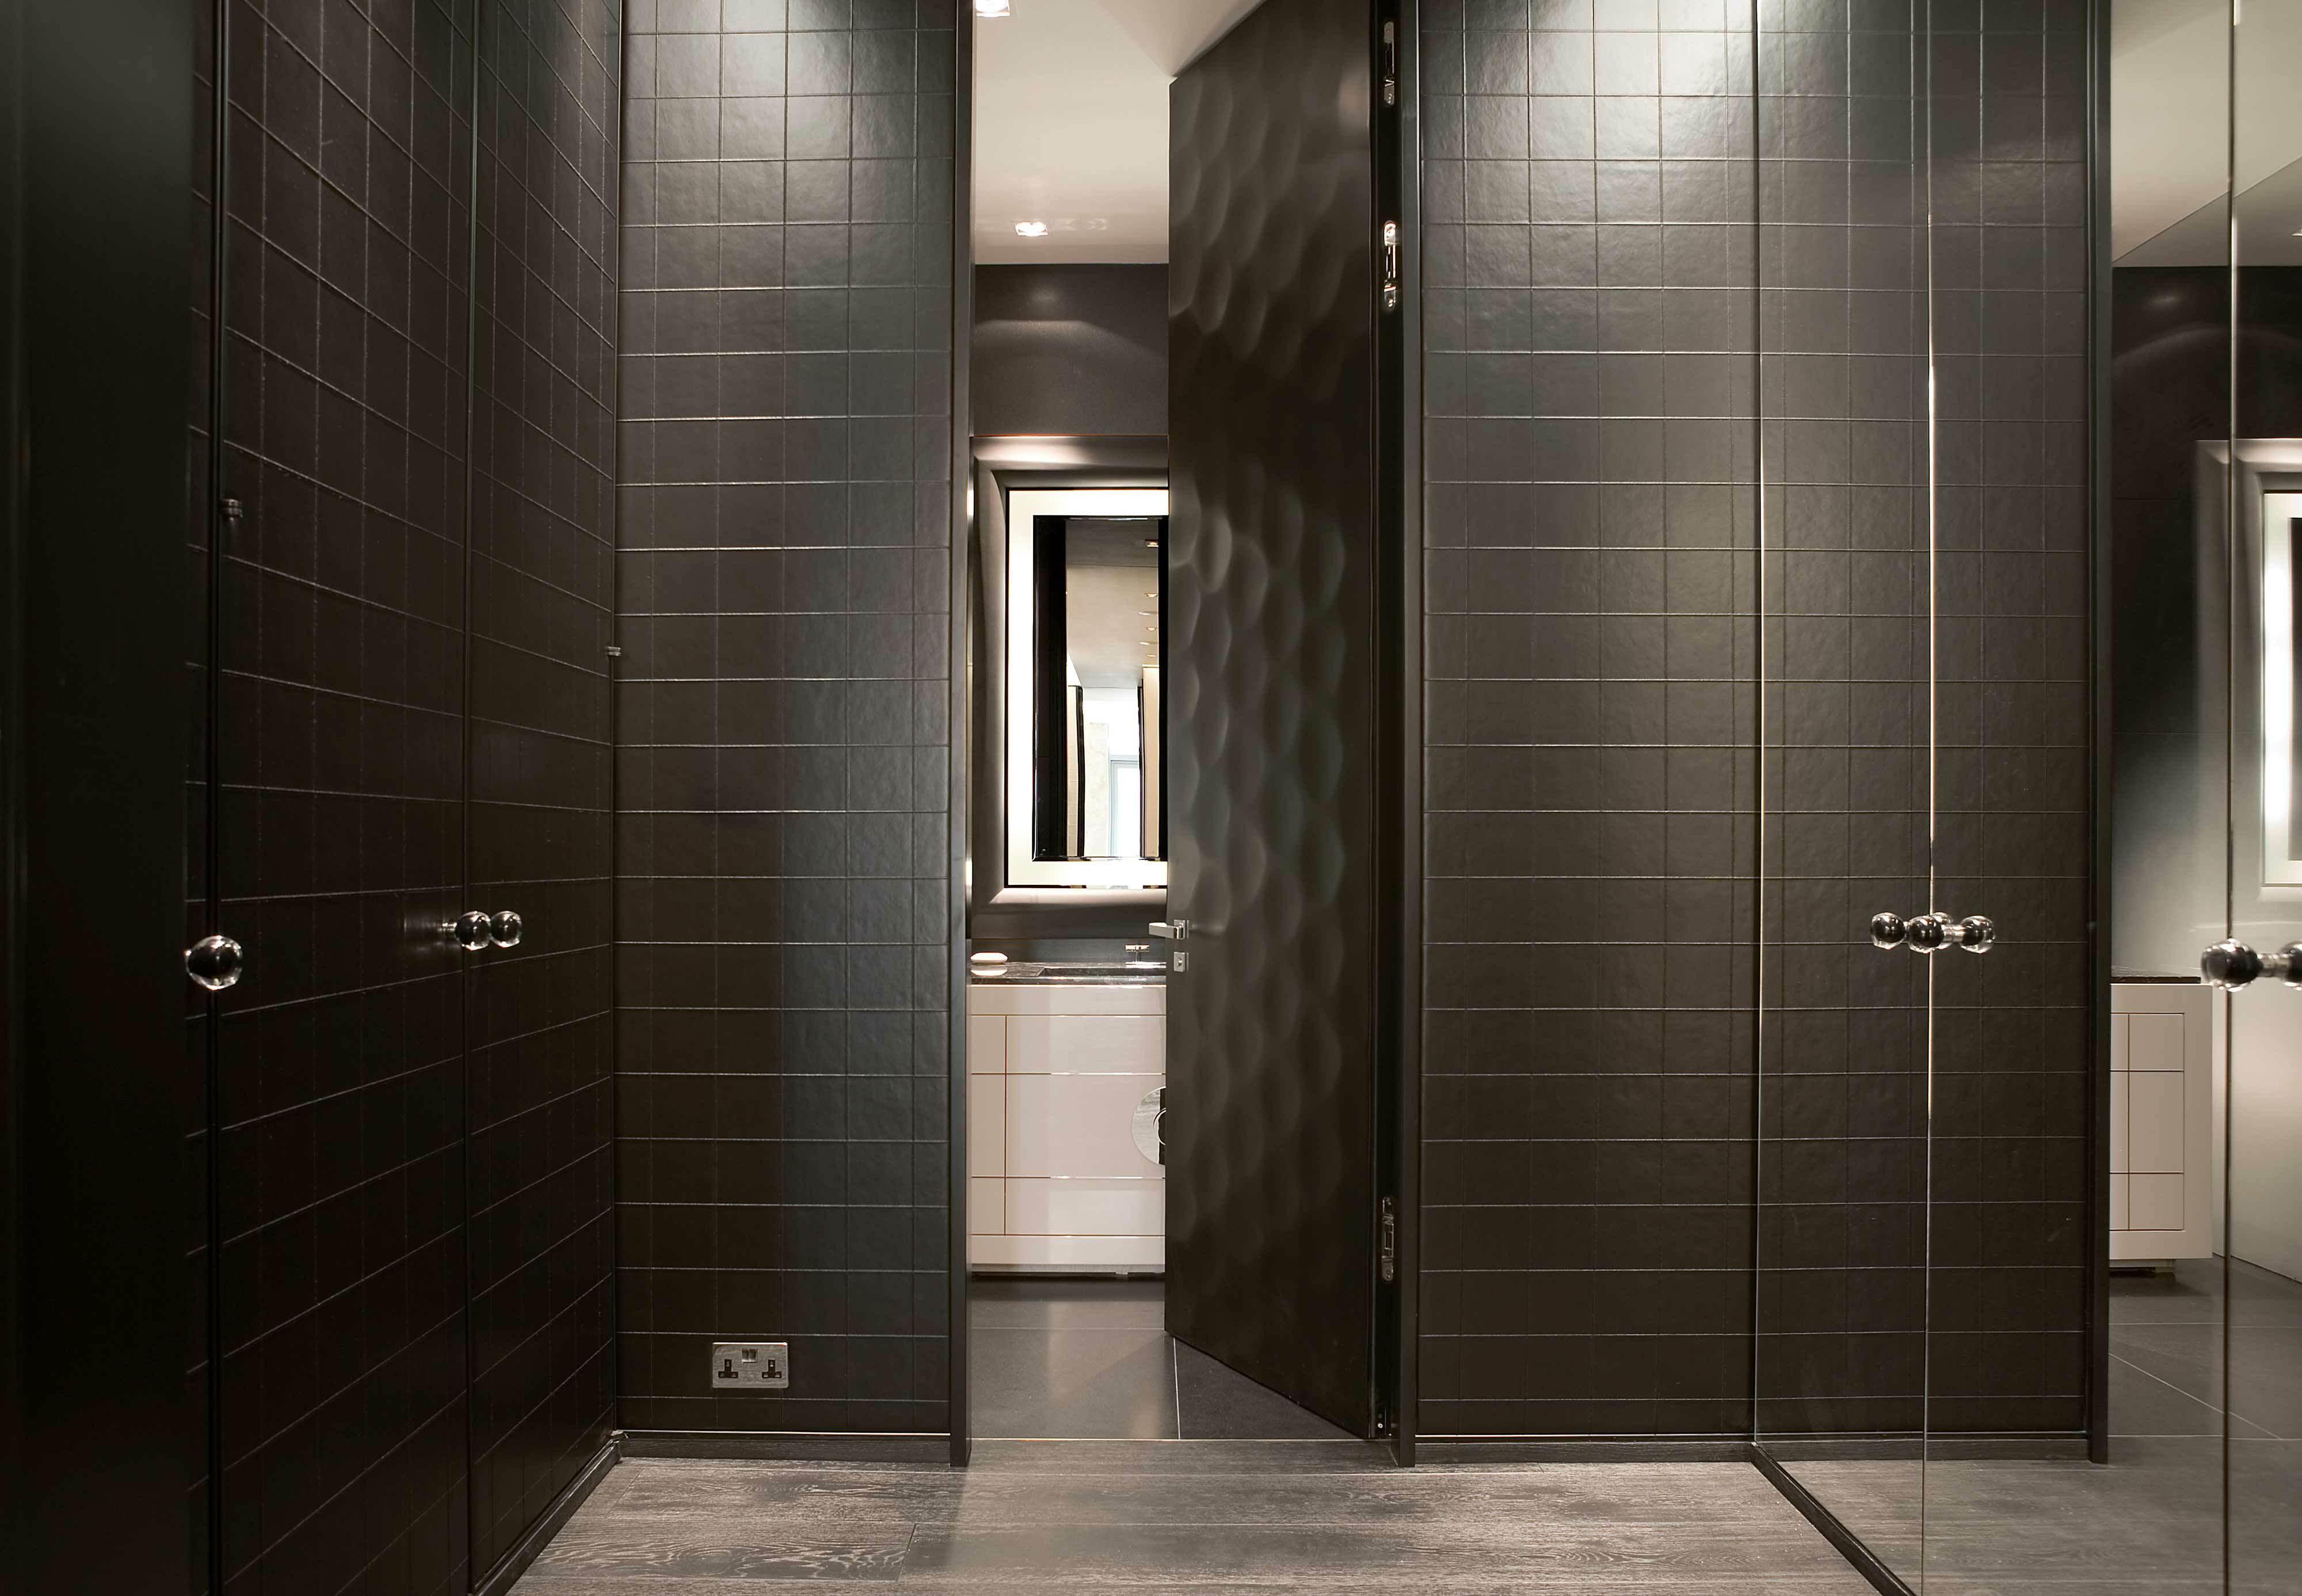 Dressing_Rooms_10.jpg